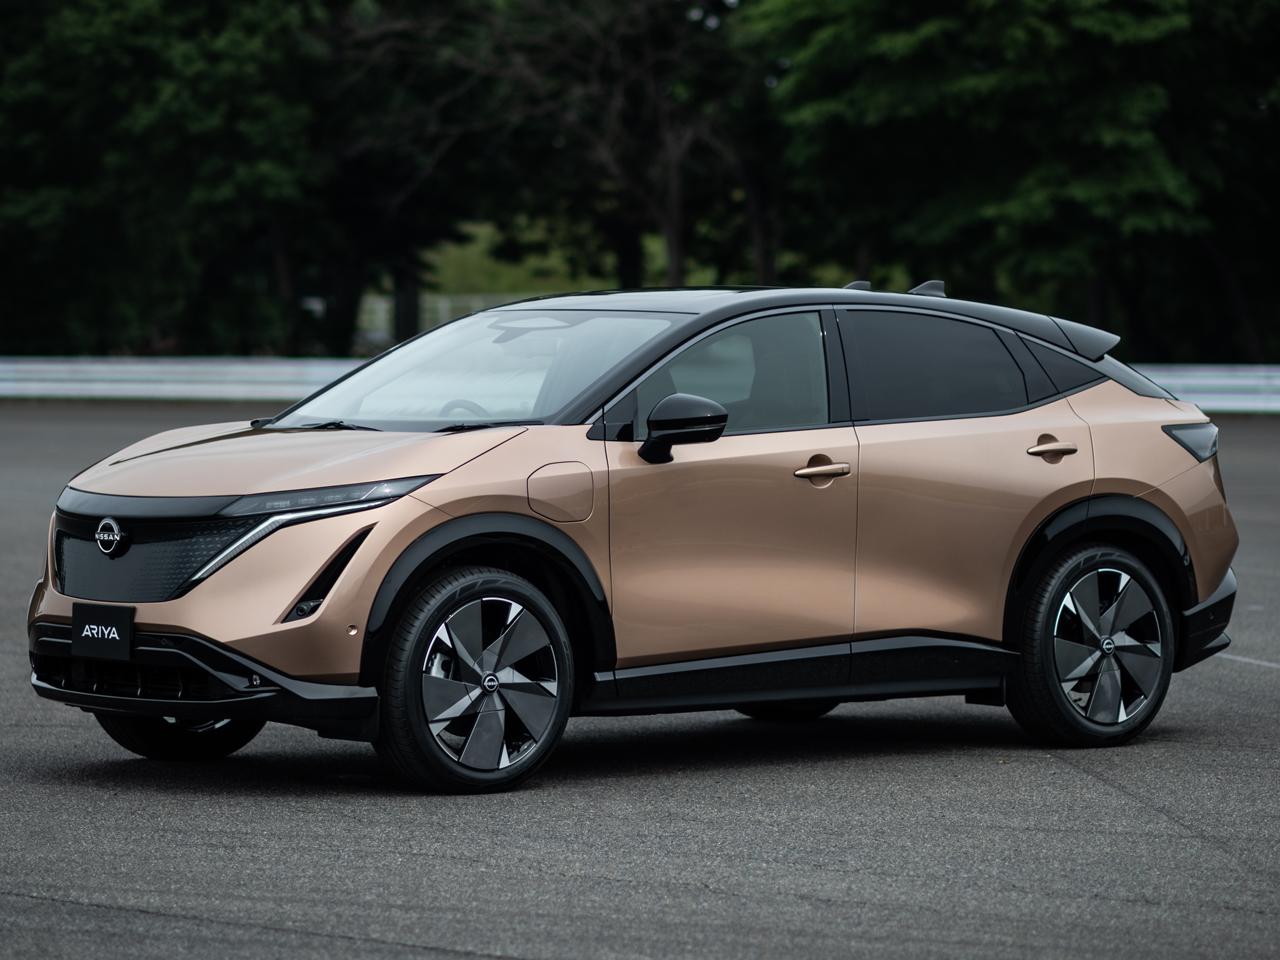 日産 アリア 2021年モデル 新車画像